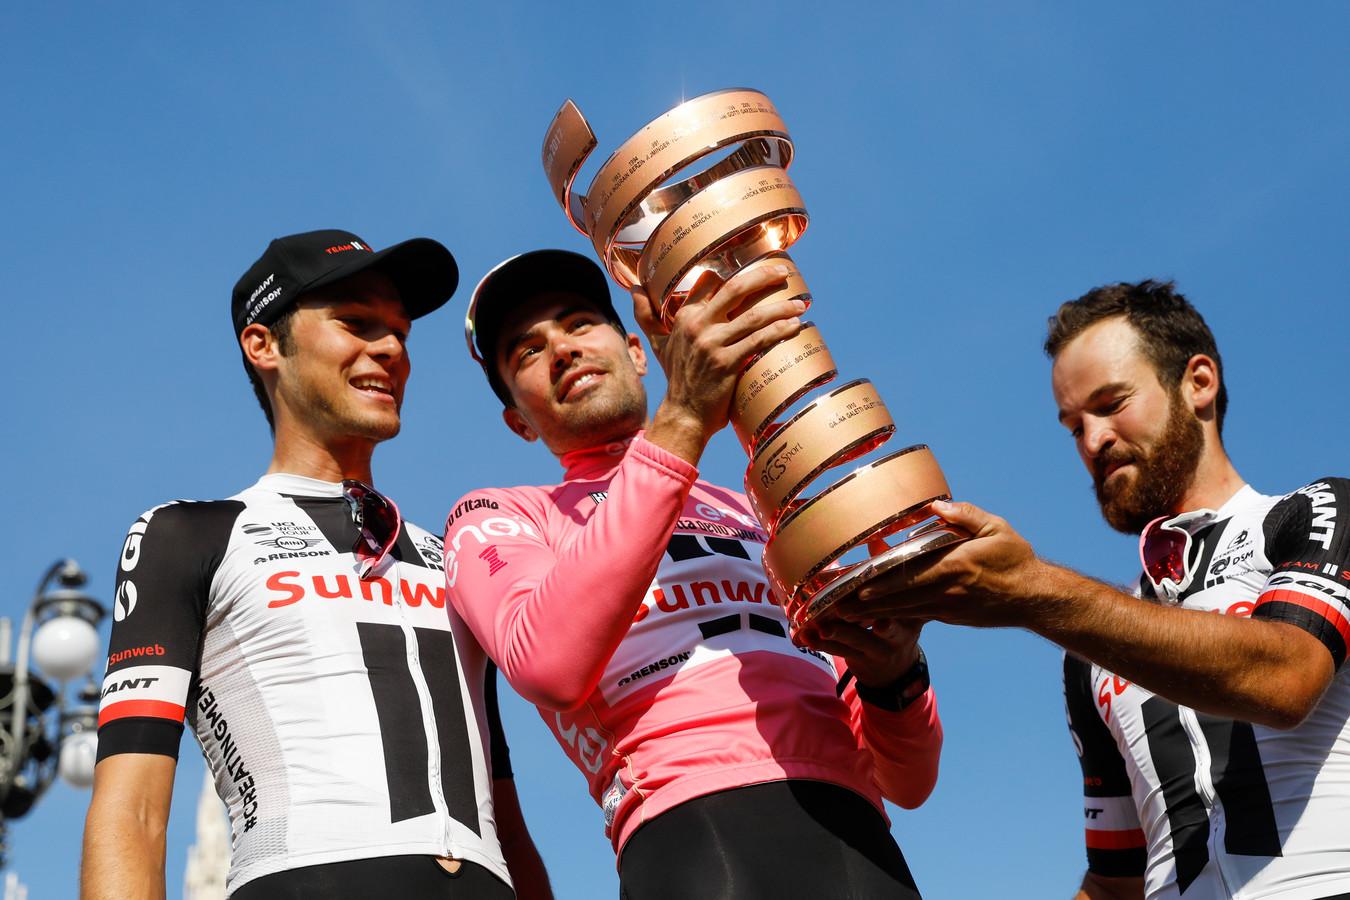 Tom Dumoulin viert zijn overwinning in de Giro in 2017 met Georg Preidler(l) en Simon Geschke.